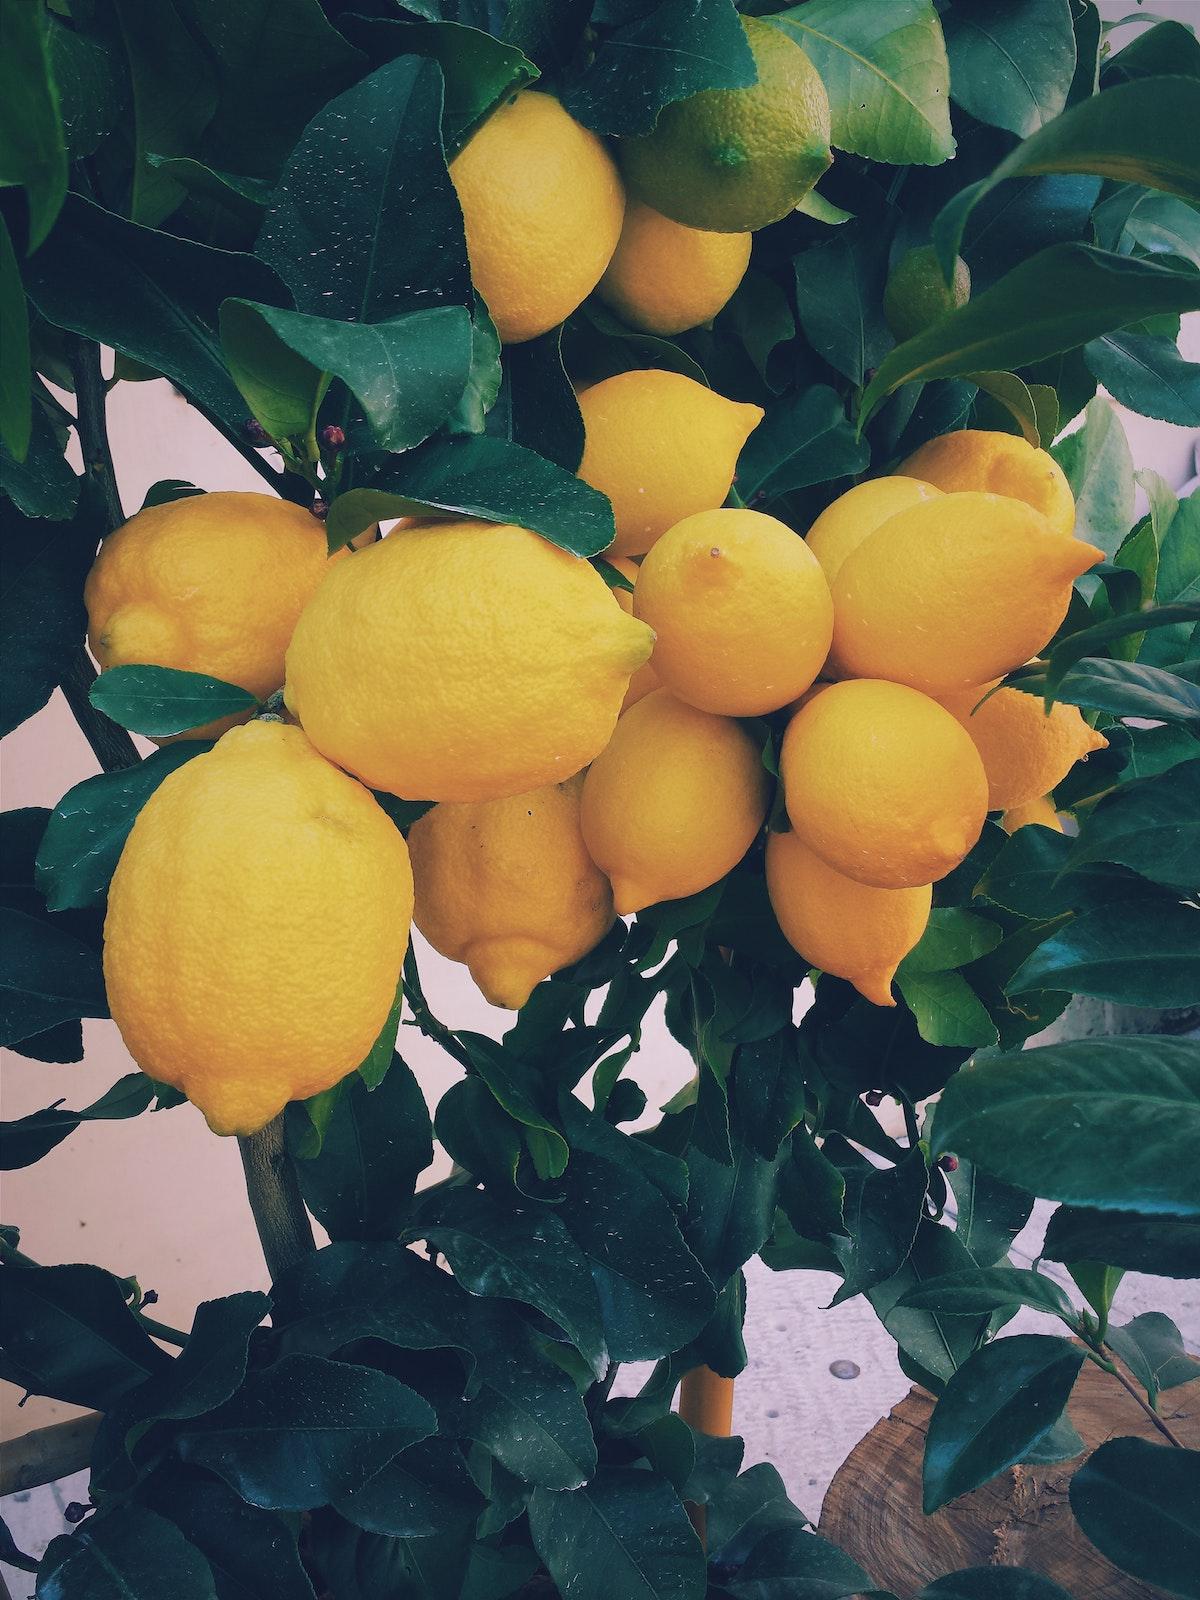 faire pousser citron paris arbre fruitier conseil citronnier